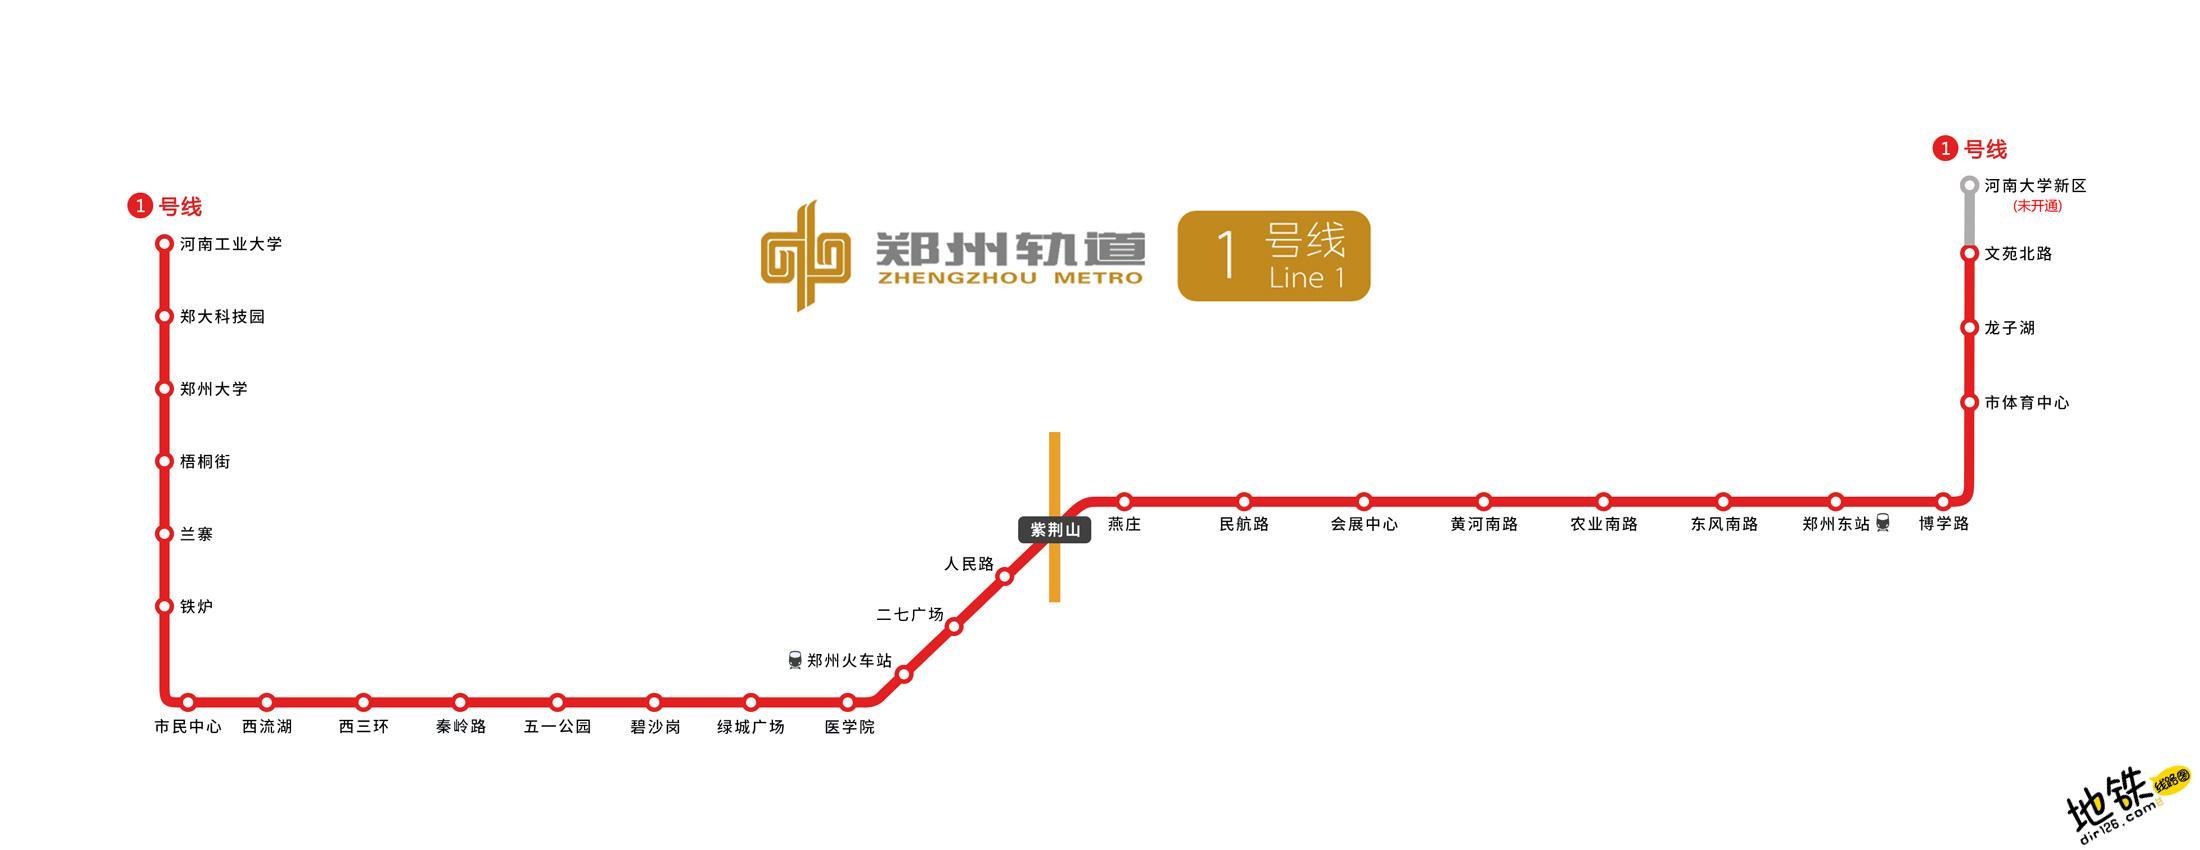 郑州地铁1号线线路图 运营时间票价站点 查询下载 郑州地铁1号线查询 郑州地铁1号线运营时间 郑州地铁1号线线路图 郑州地铁1号线 郑州地铁一号线 郑州地铁线路图  第2张